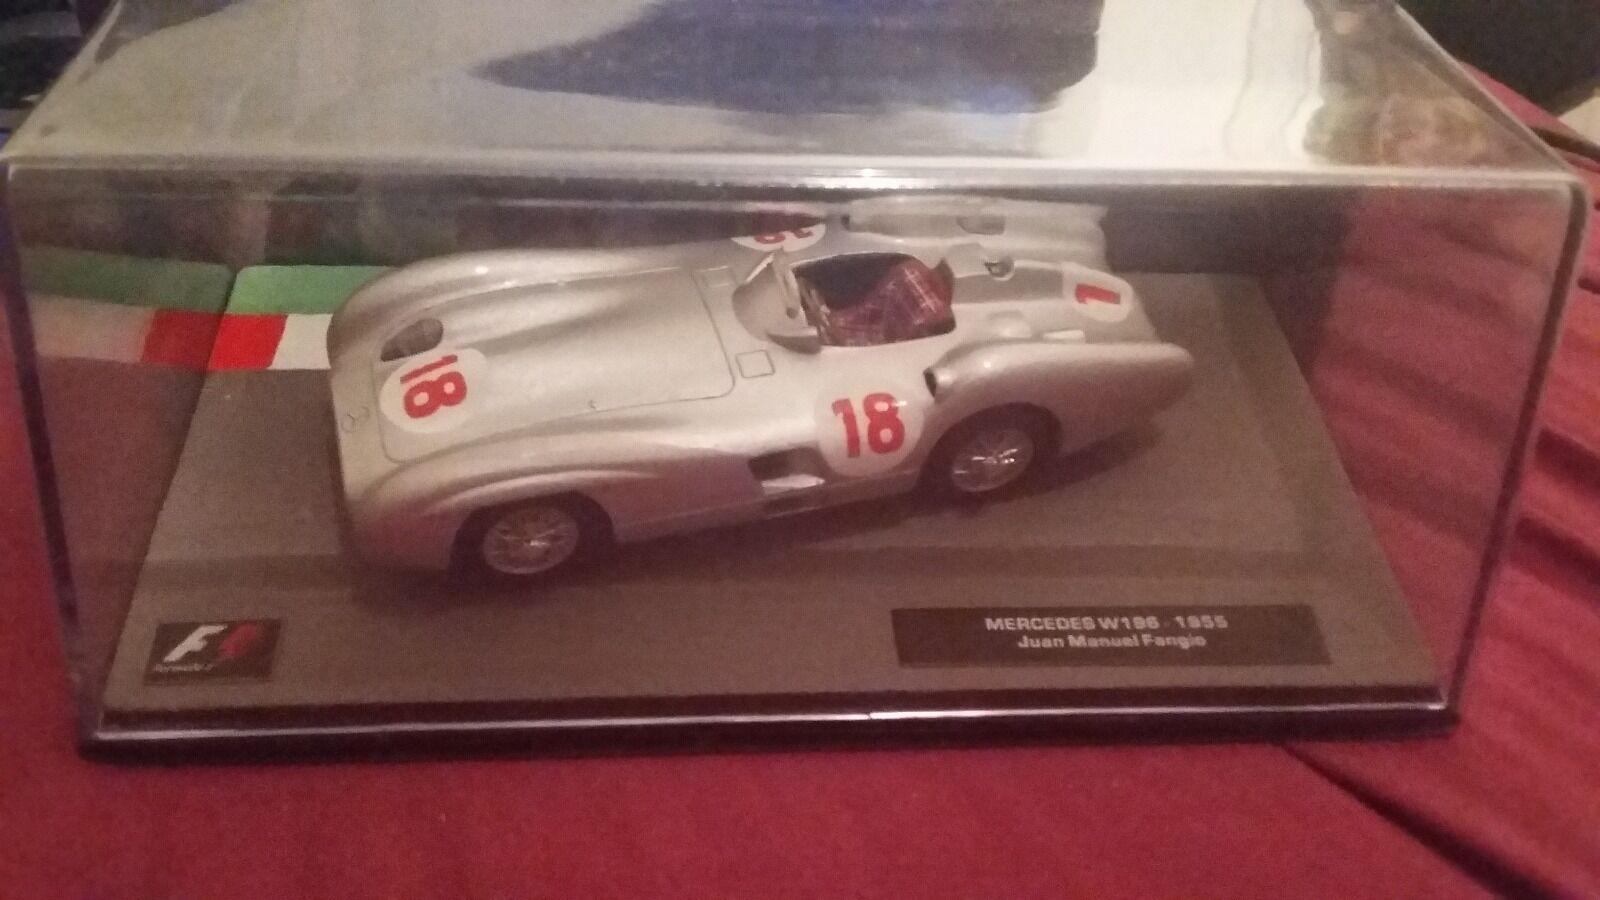 clásico atemporal Colección de Coche Modelo F1-Mercedes W196-1955 Juan Manuel Manuel Manuel Fangio En Caja  almacén al por mayor